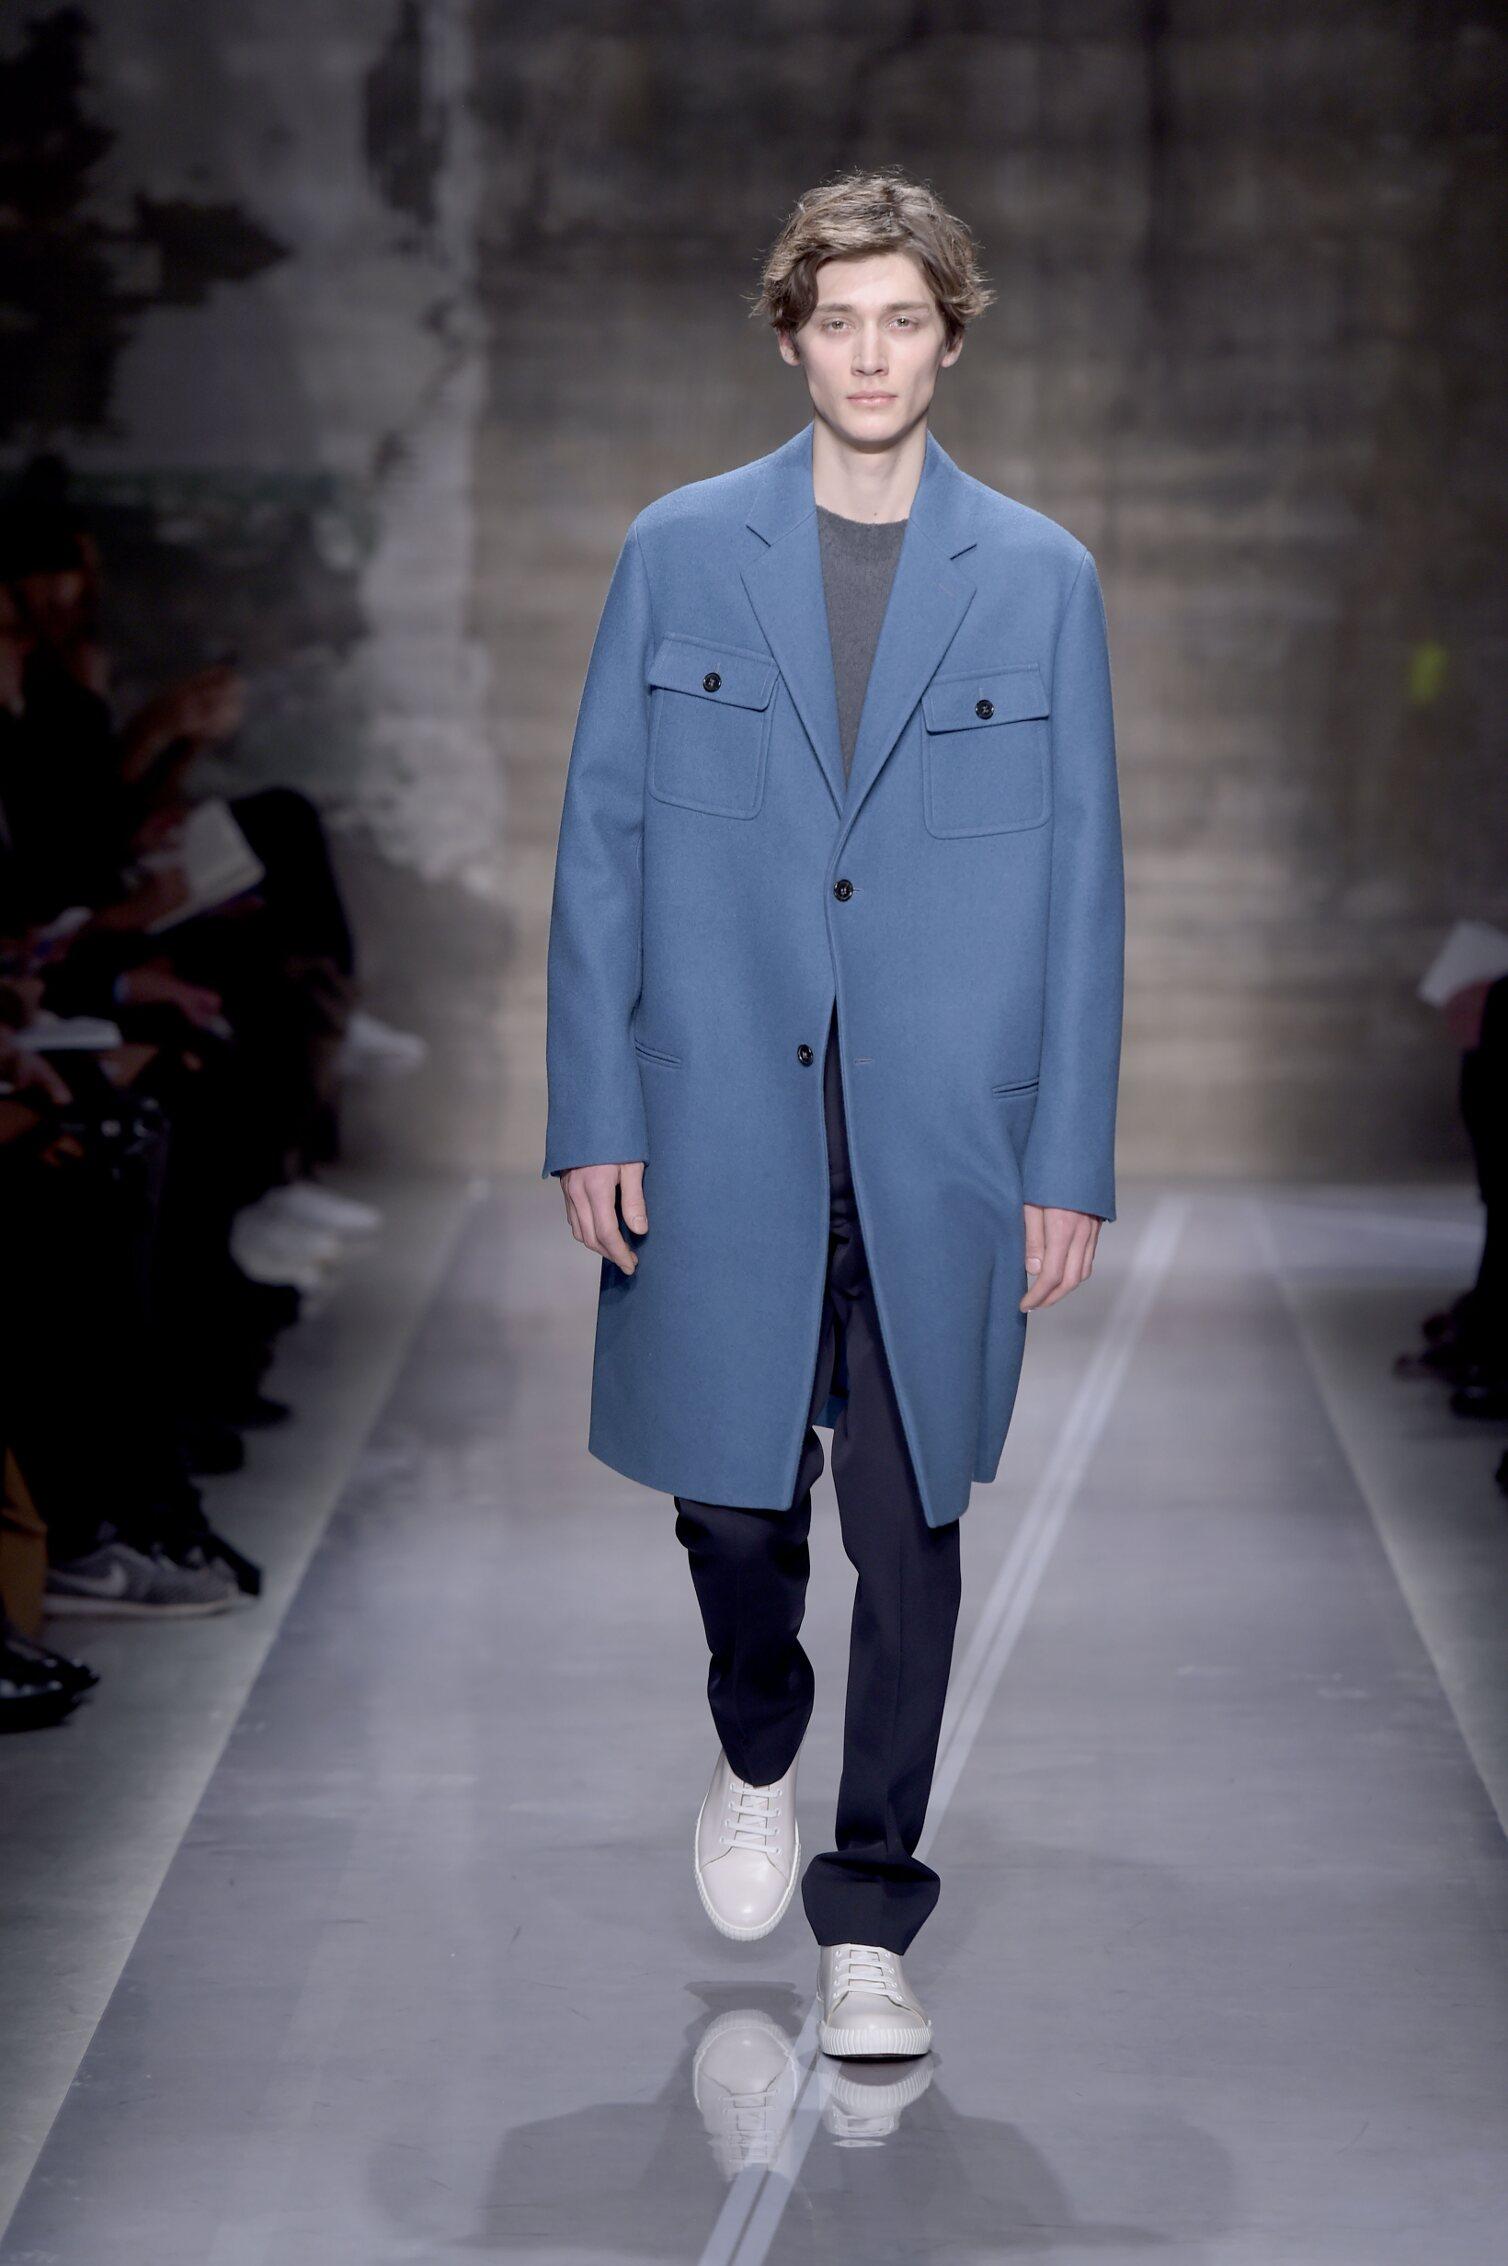 Fall 2016-17 Man Fashion Show Marni